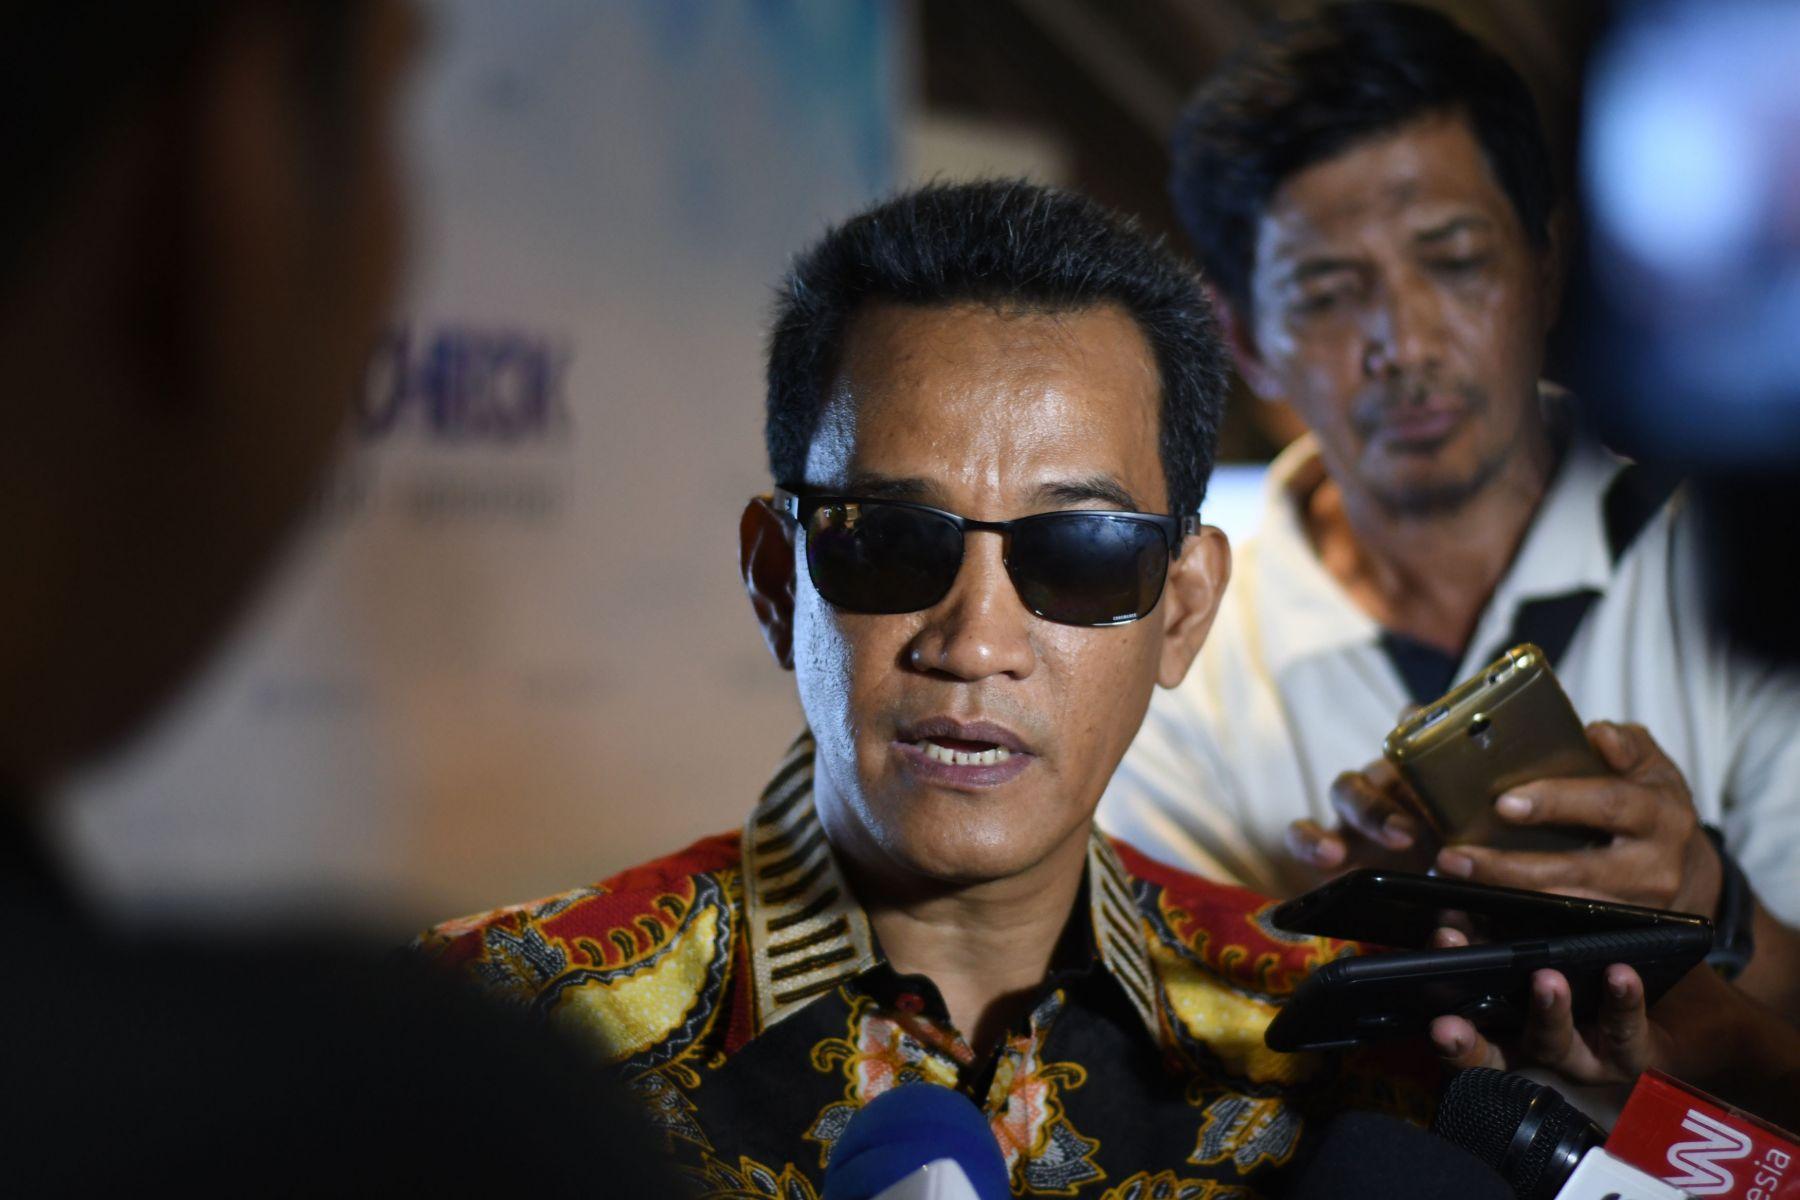 Banyak Kebijakan Kontroversial hingga Hutang Capai Rp 6 Ribu T, Refly Harun: Jokowi Bagian dari Keterpurukan Ini!